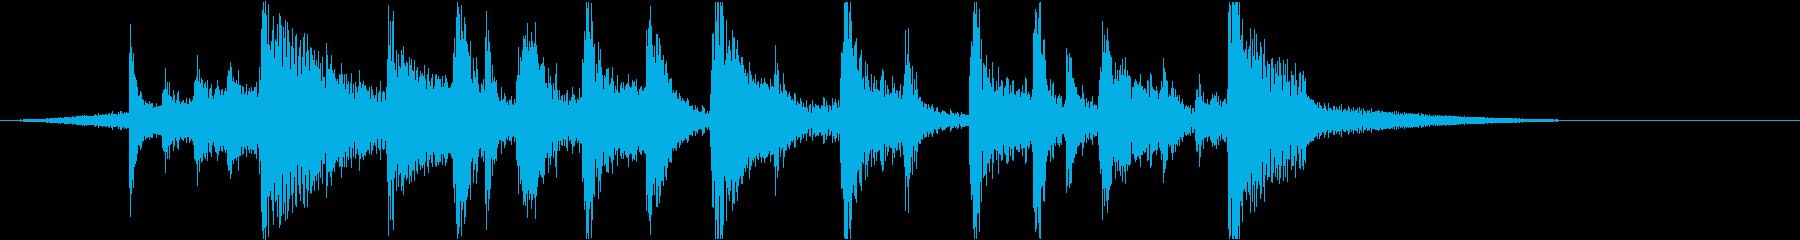 アニメのアイキャッチ1【Ver3】の再生済みの波形